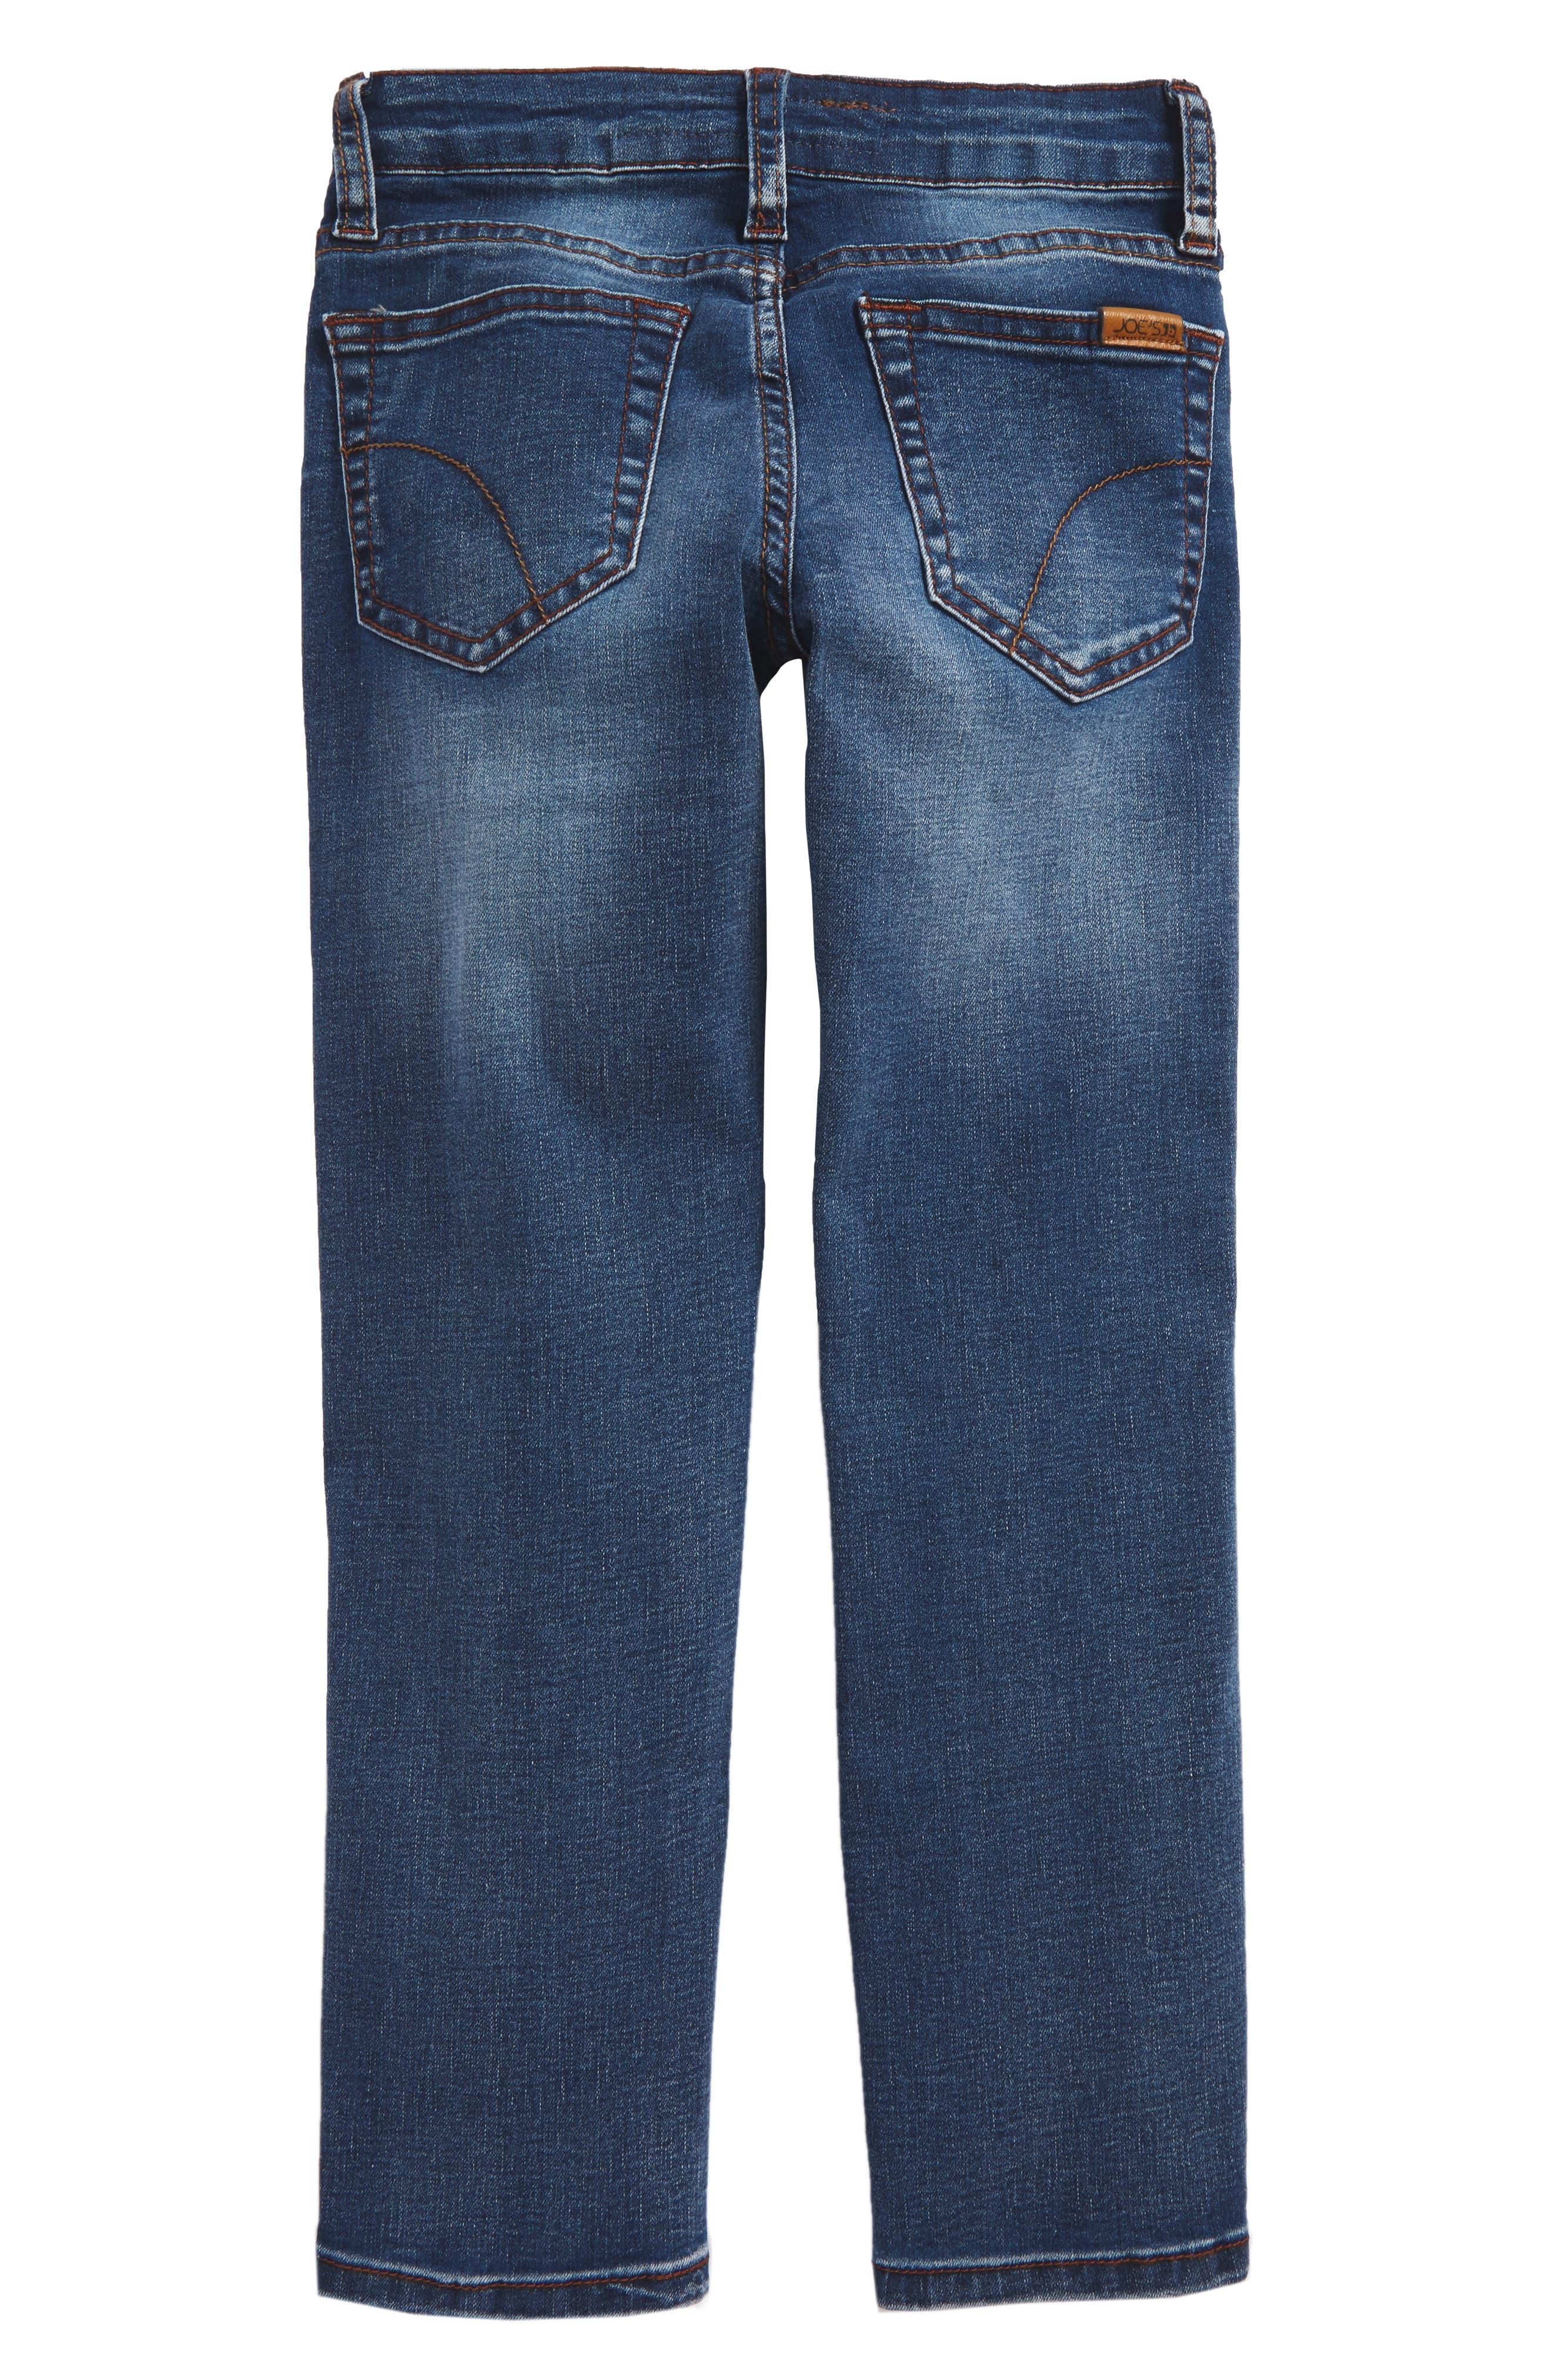 Brixton Slim Fit Stretch Jeans,                             Alternate thumbnail 2, color,                             455